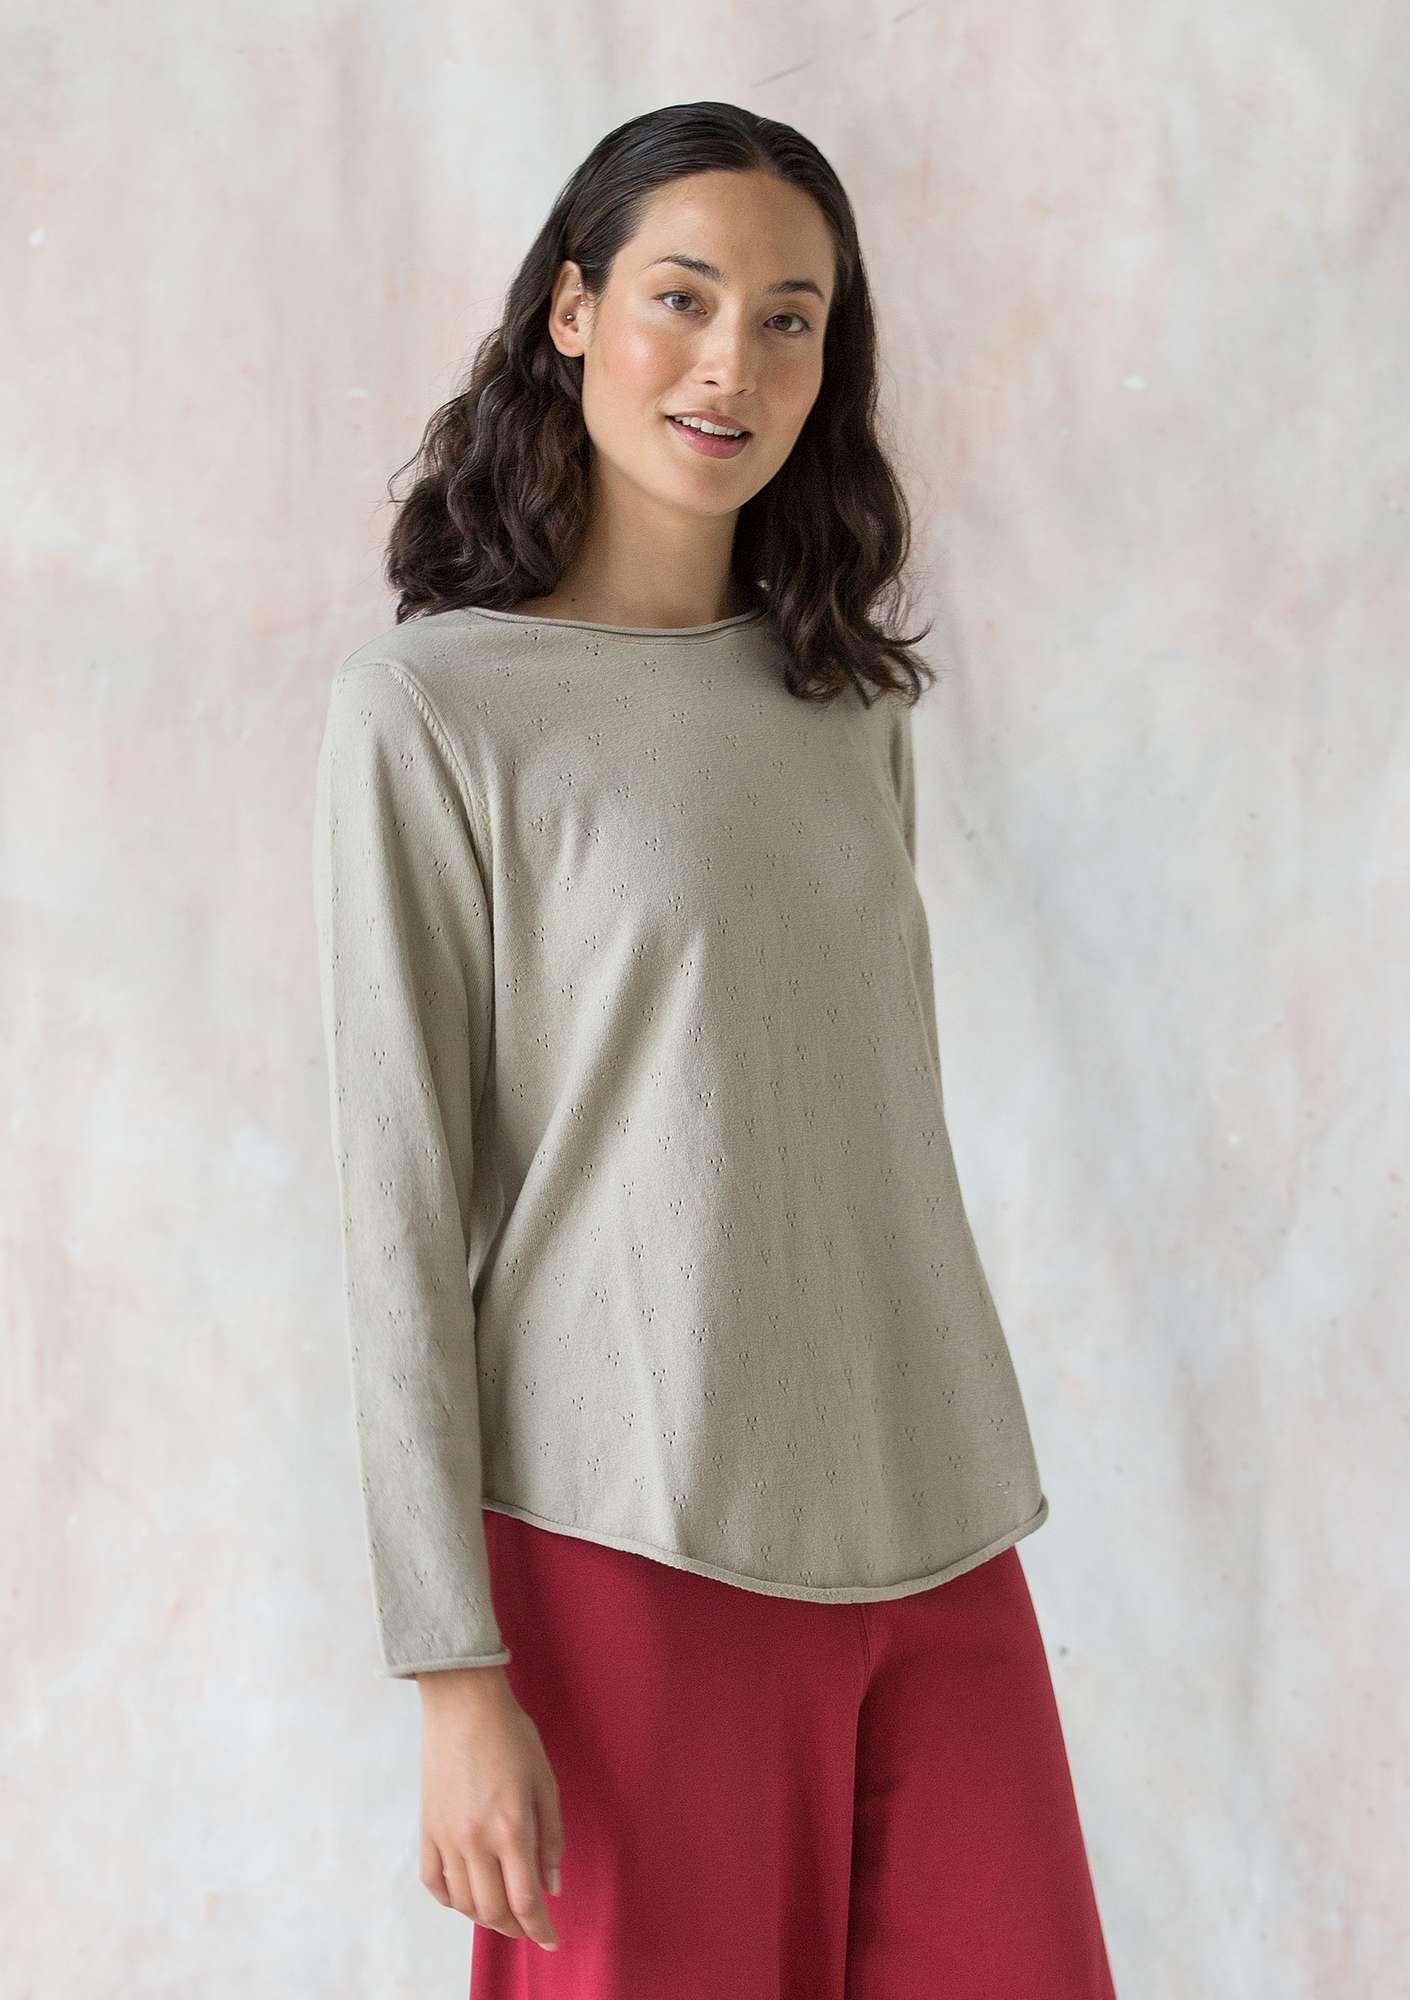 c1a480be956 Pointellestrikket trøje i økobomuld | Gudrun Sjödén